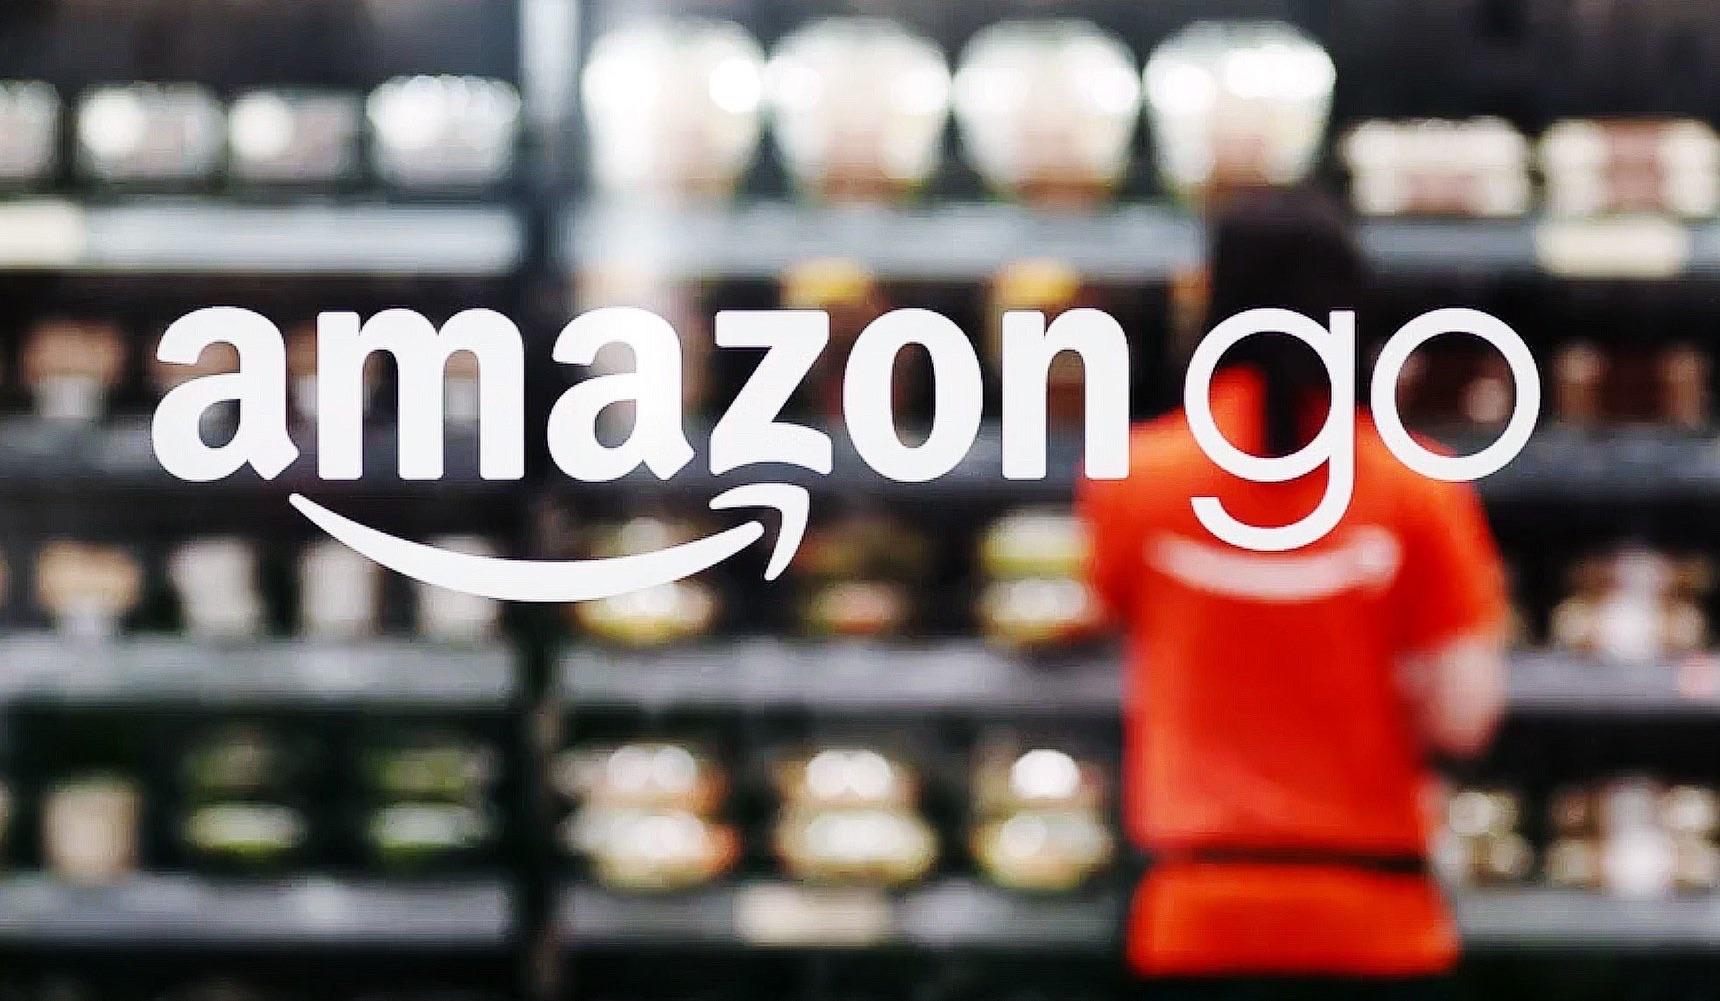 Amazon Goとは?アプリで現金不要のコンビニがシアトルに登場